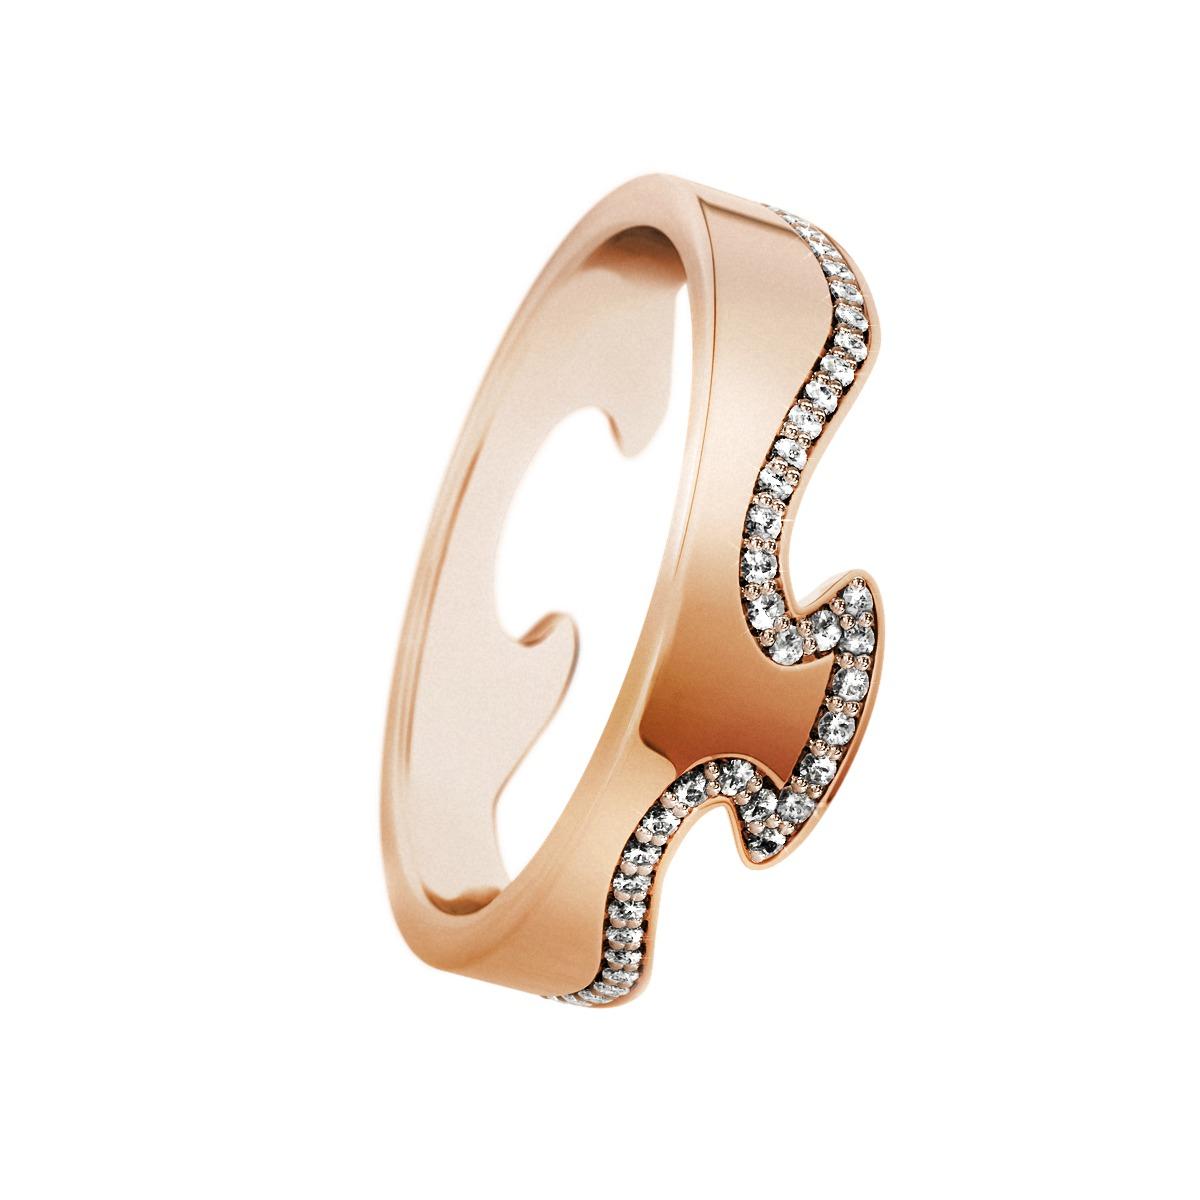 Image of   Georg jensen FUSION ring - 3570880 Størrelse 54